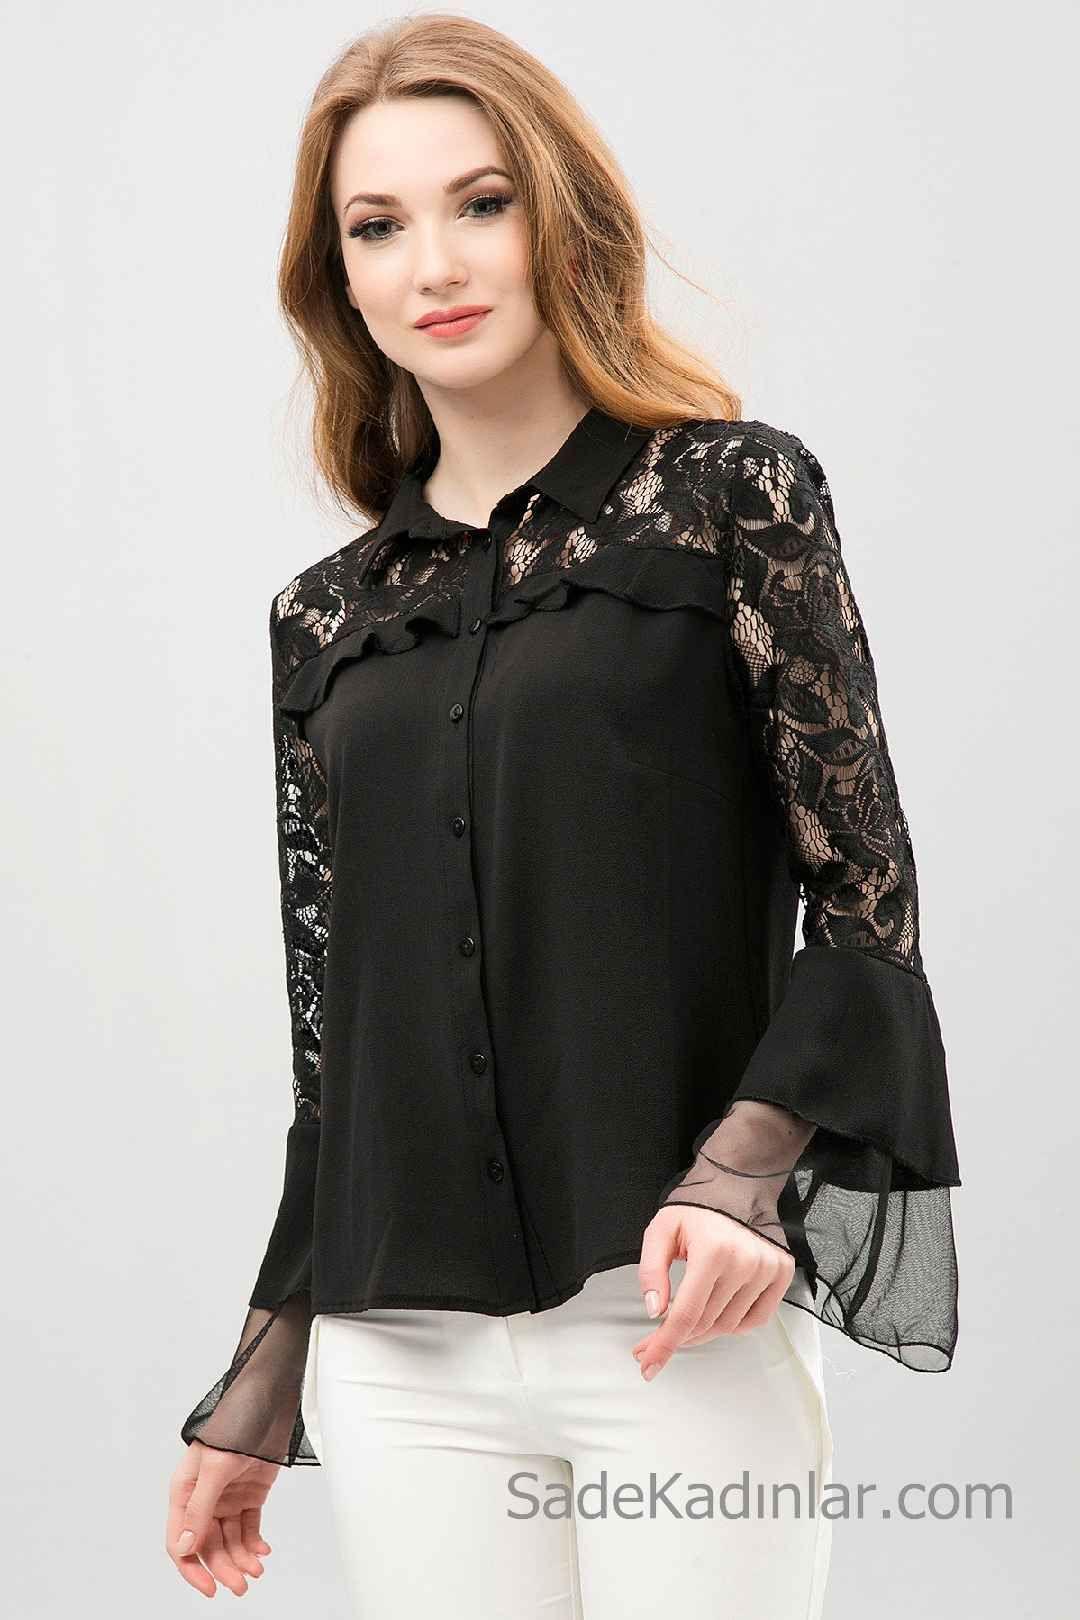 Siyah Gomlek Modelleri Uzun Ispanyol Kollu Dantel Yakali Dantel Bluzlar Moda Stilleri Kadin Kiyafetleri